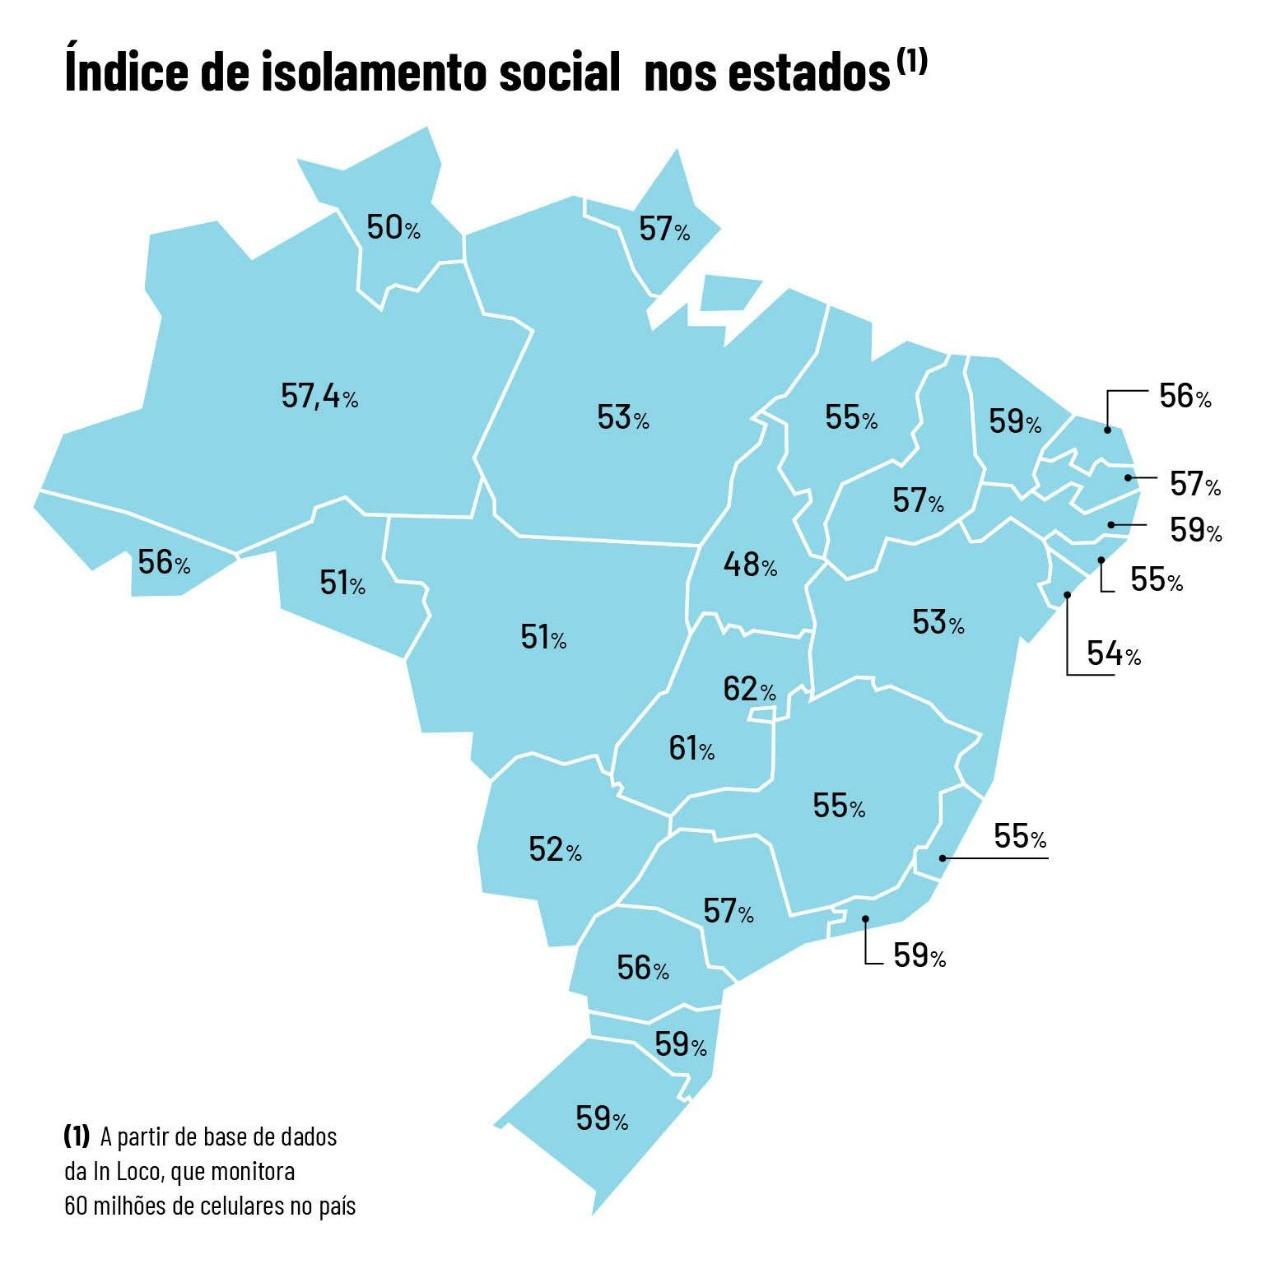 Isolamento social nos Estados.